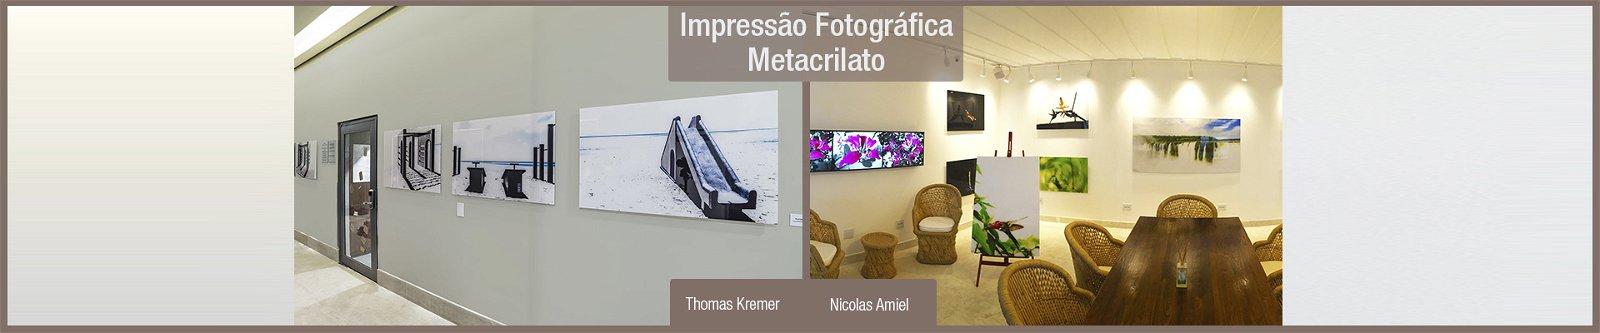 Impressão Fotográfica em Metacrilato